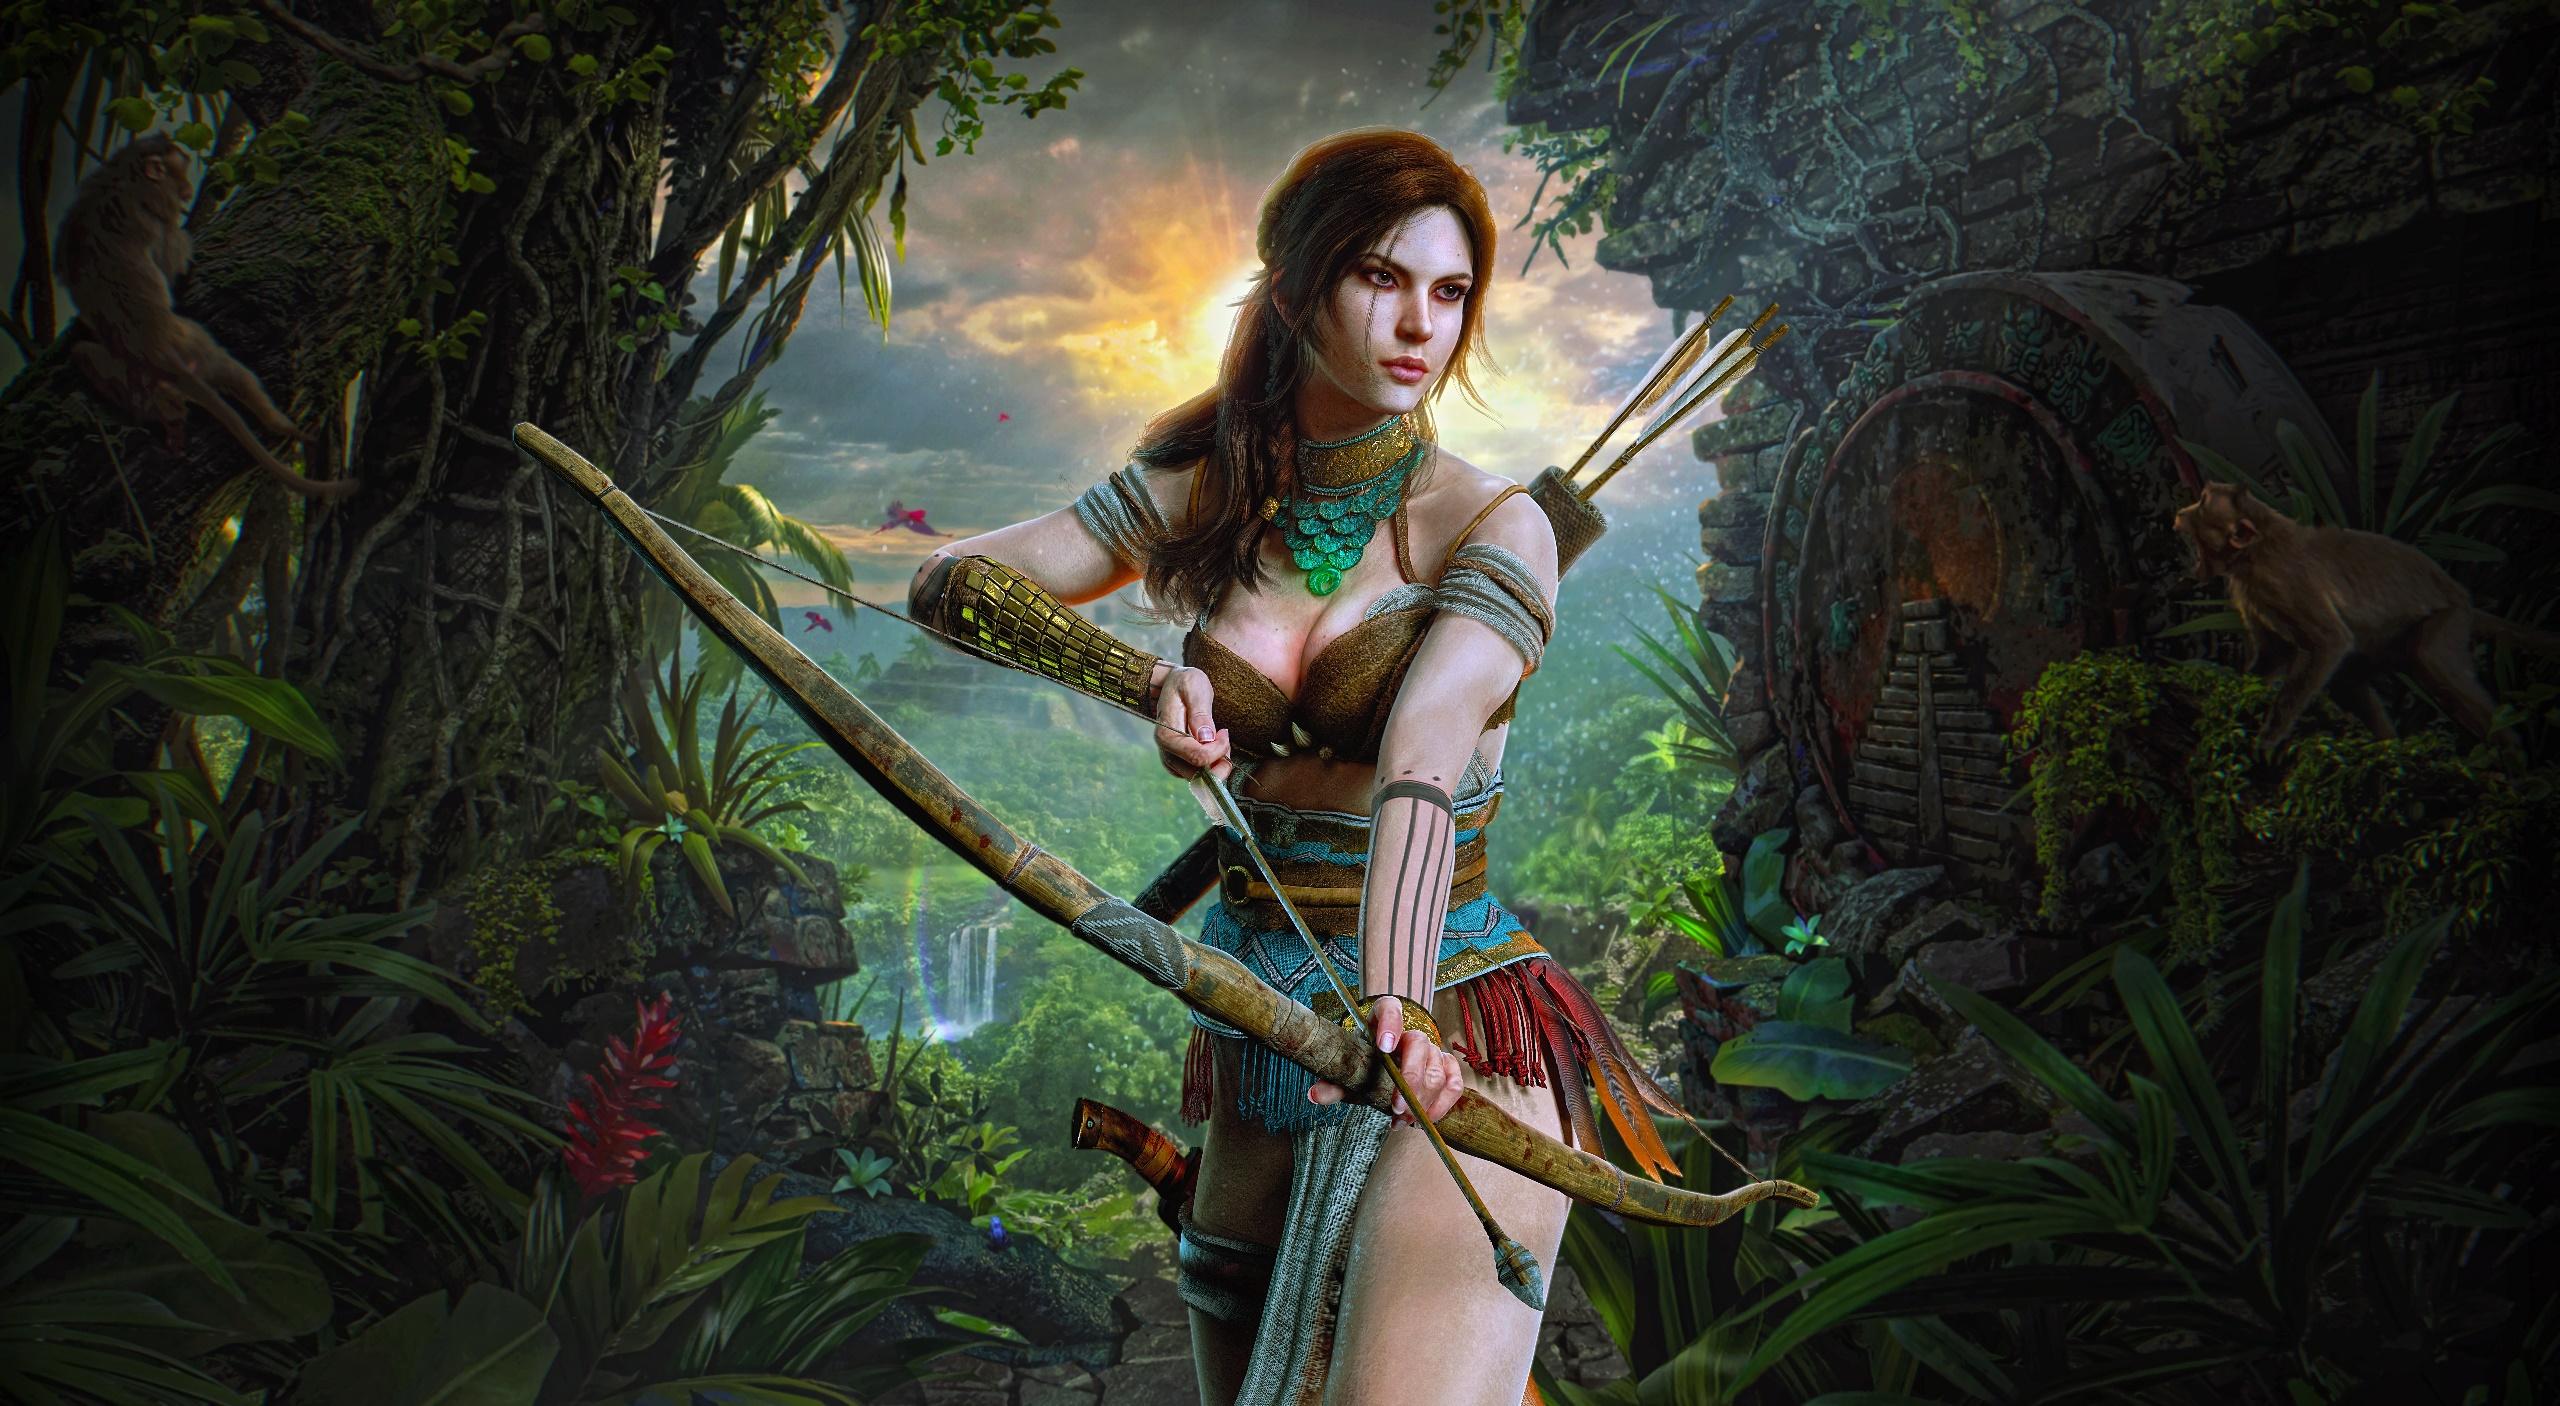 General 2560x1406 artwork bow archer fantasy girl fantasy art Lara Croft Shadow of the Tomb Raider